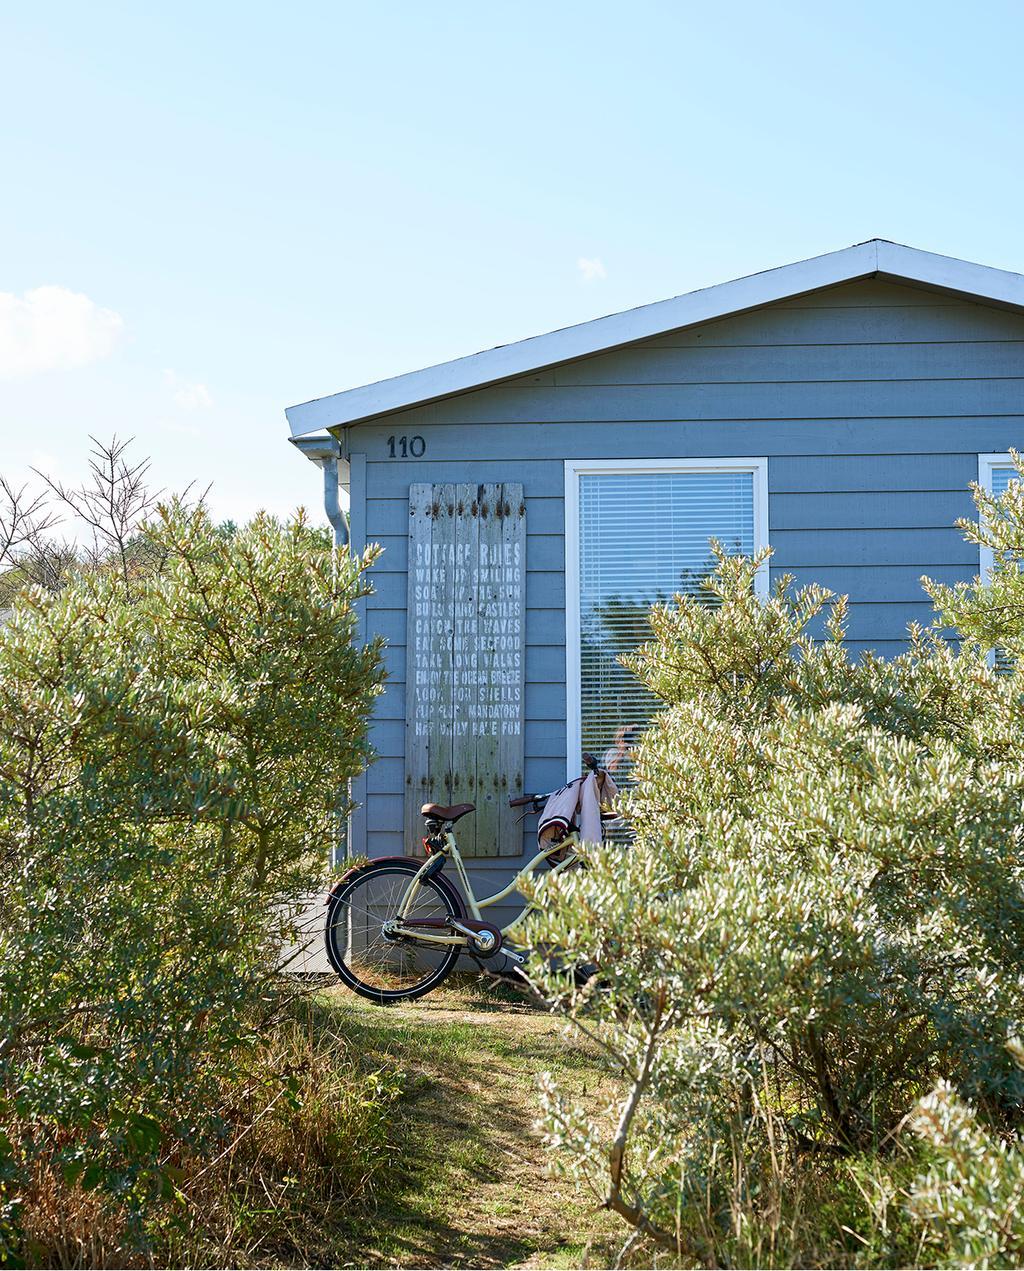 vtwonen zomerboek 2020 | binnenkijken Egmond strandhuisje met fiets